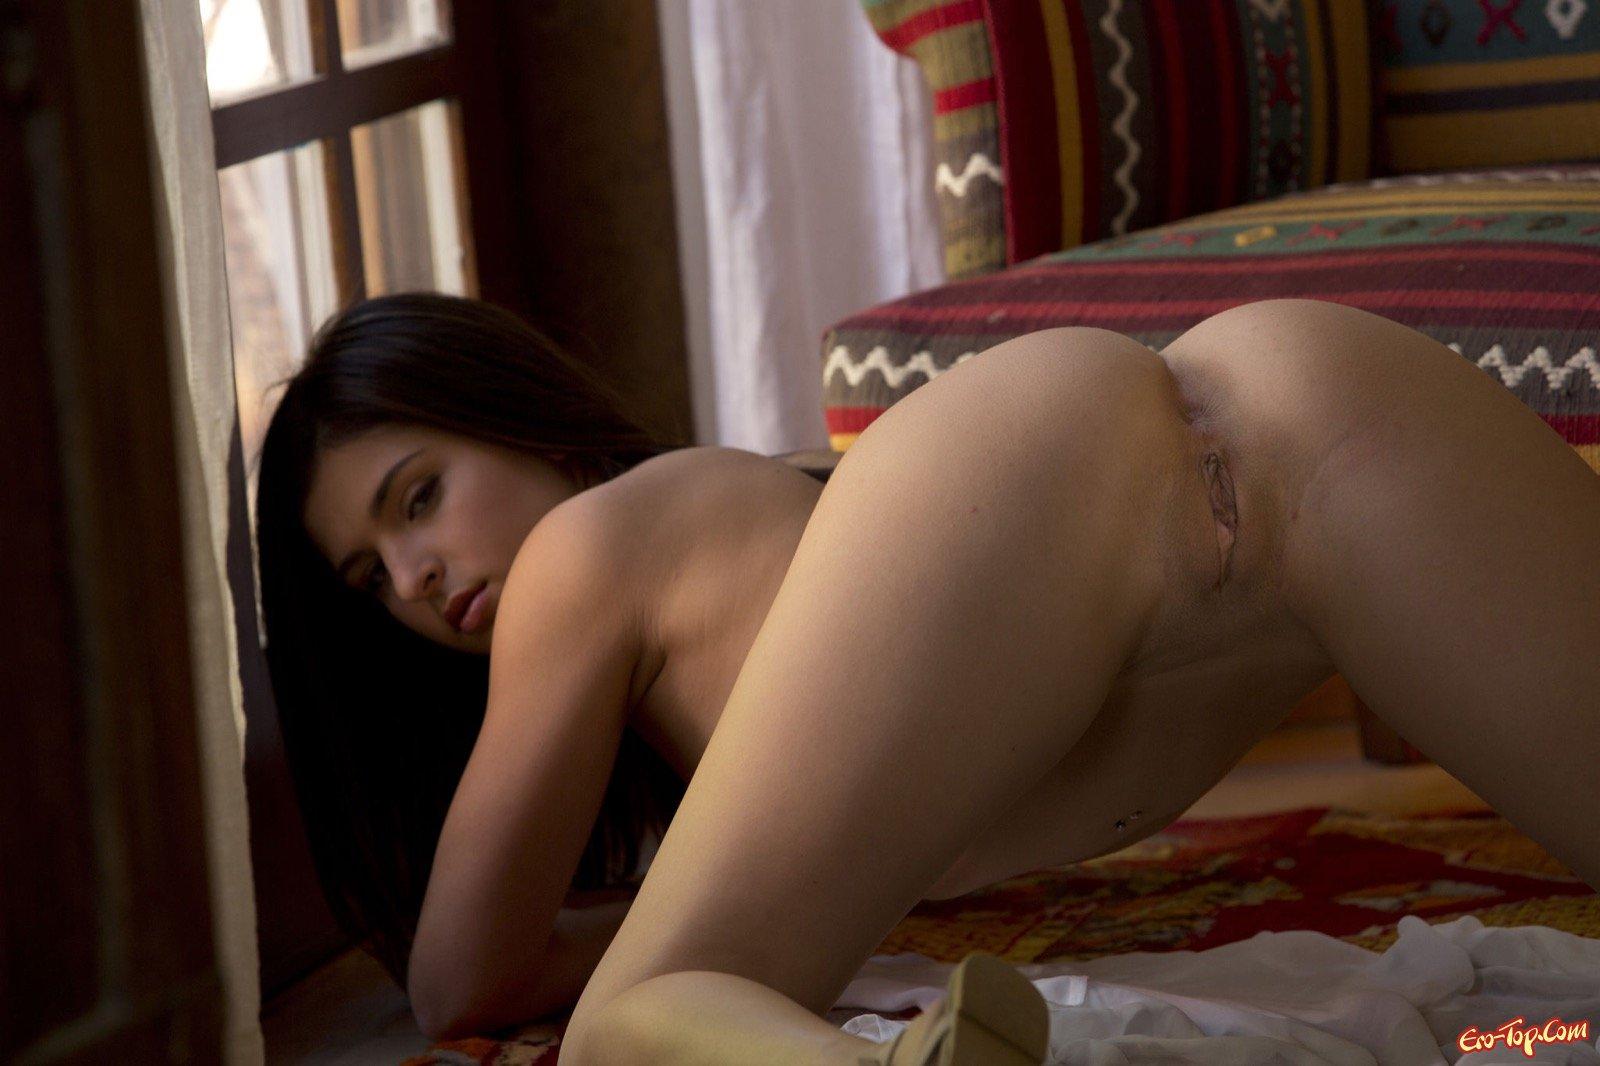 Красивая голая попочка сексуальной девушки